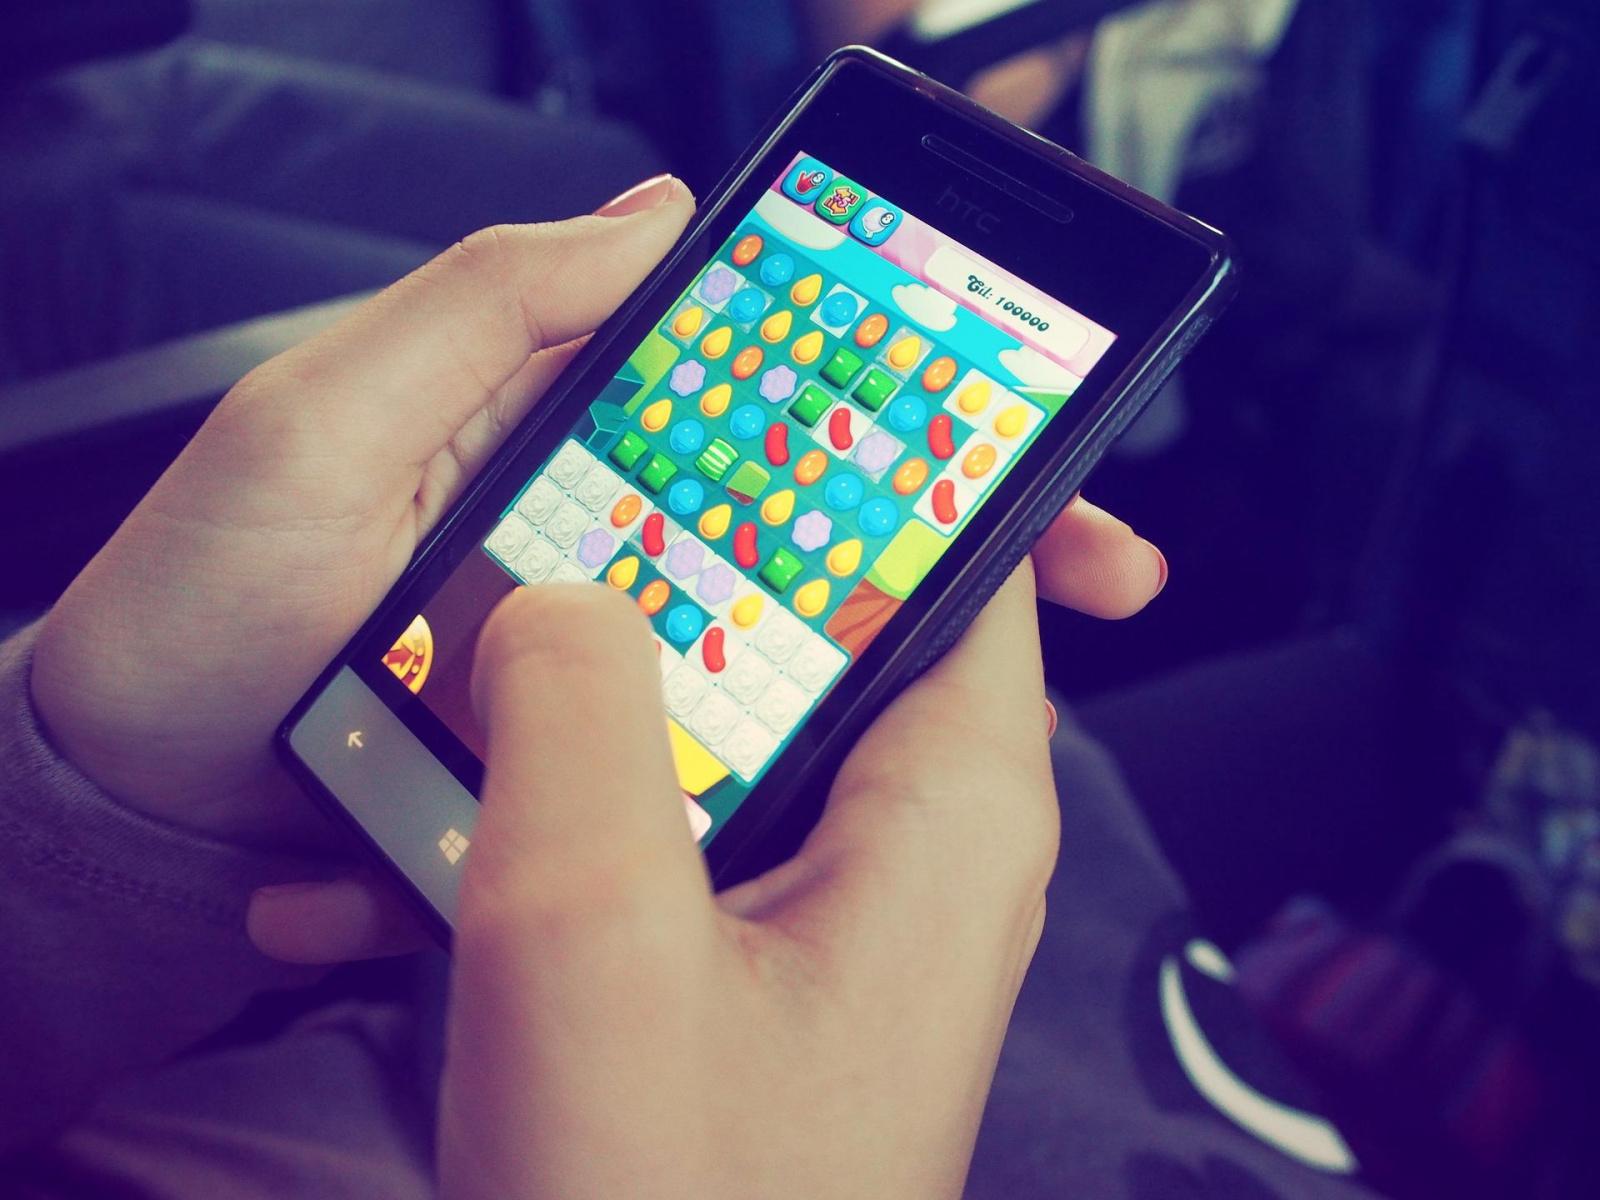 Les Meilleurs Jeux Mobiles Pour S'occuper En Confinement à Jeux De Puissance 4 Gratuit